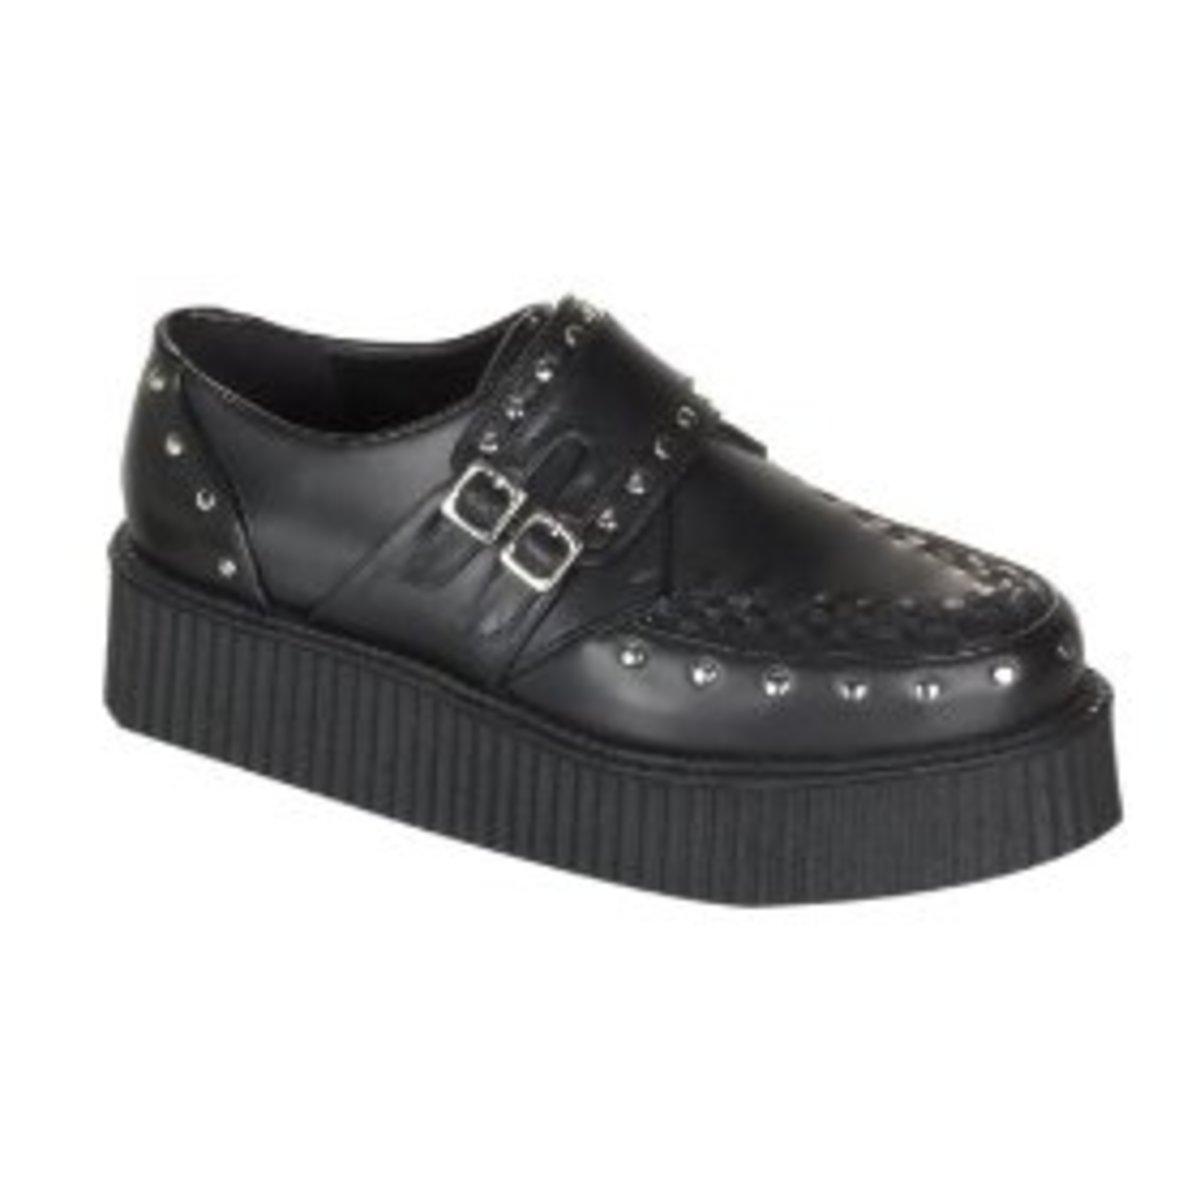 gothicshoesboots